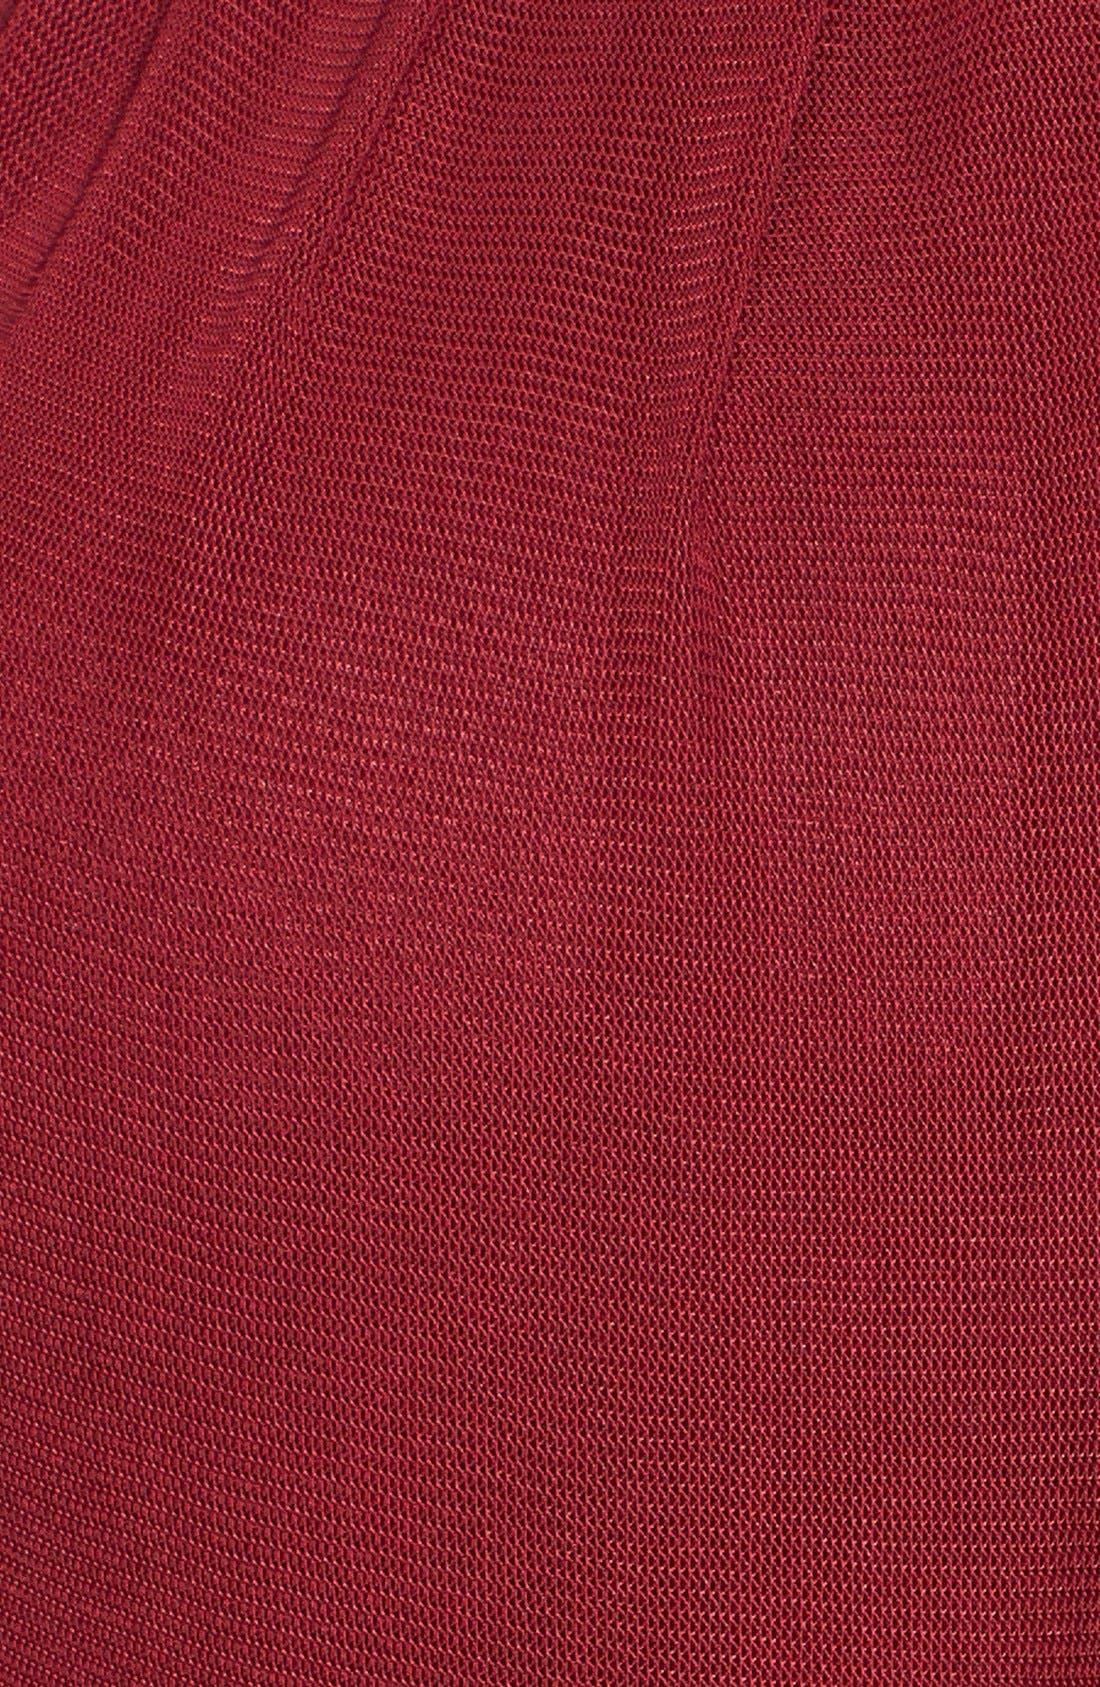 Alternate Image 3  - La Femme Cutout Mesh Gown